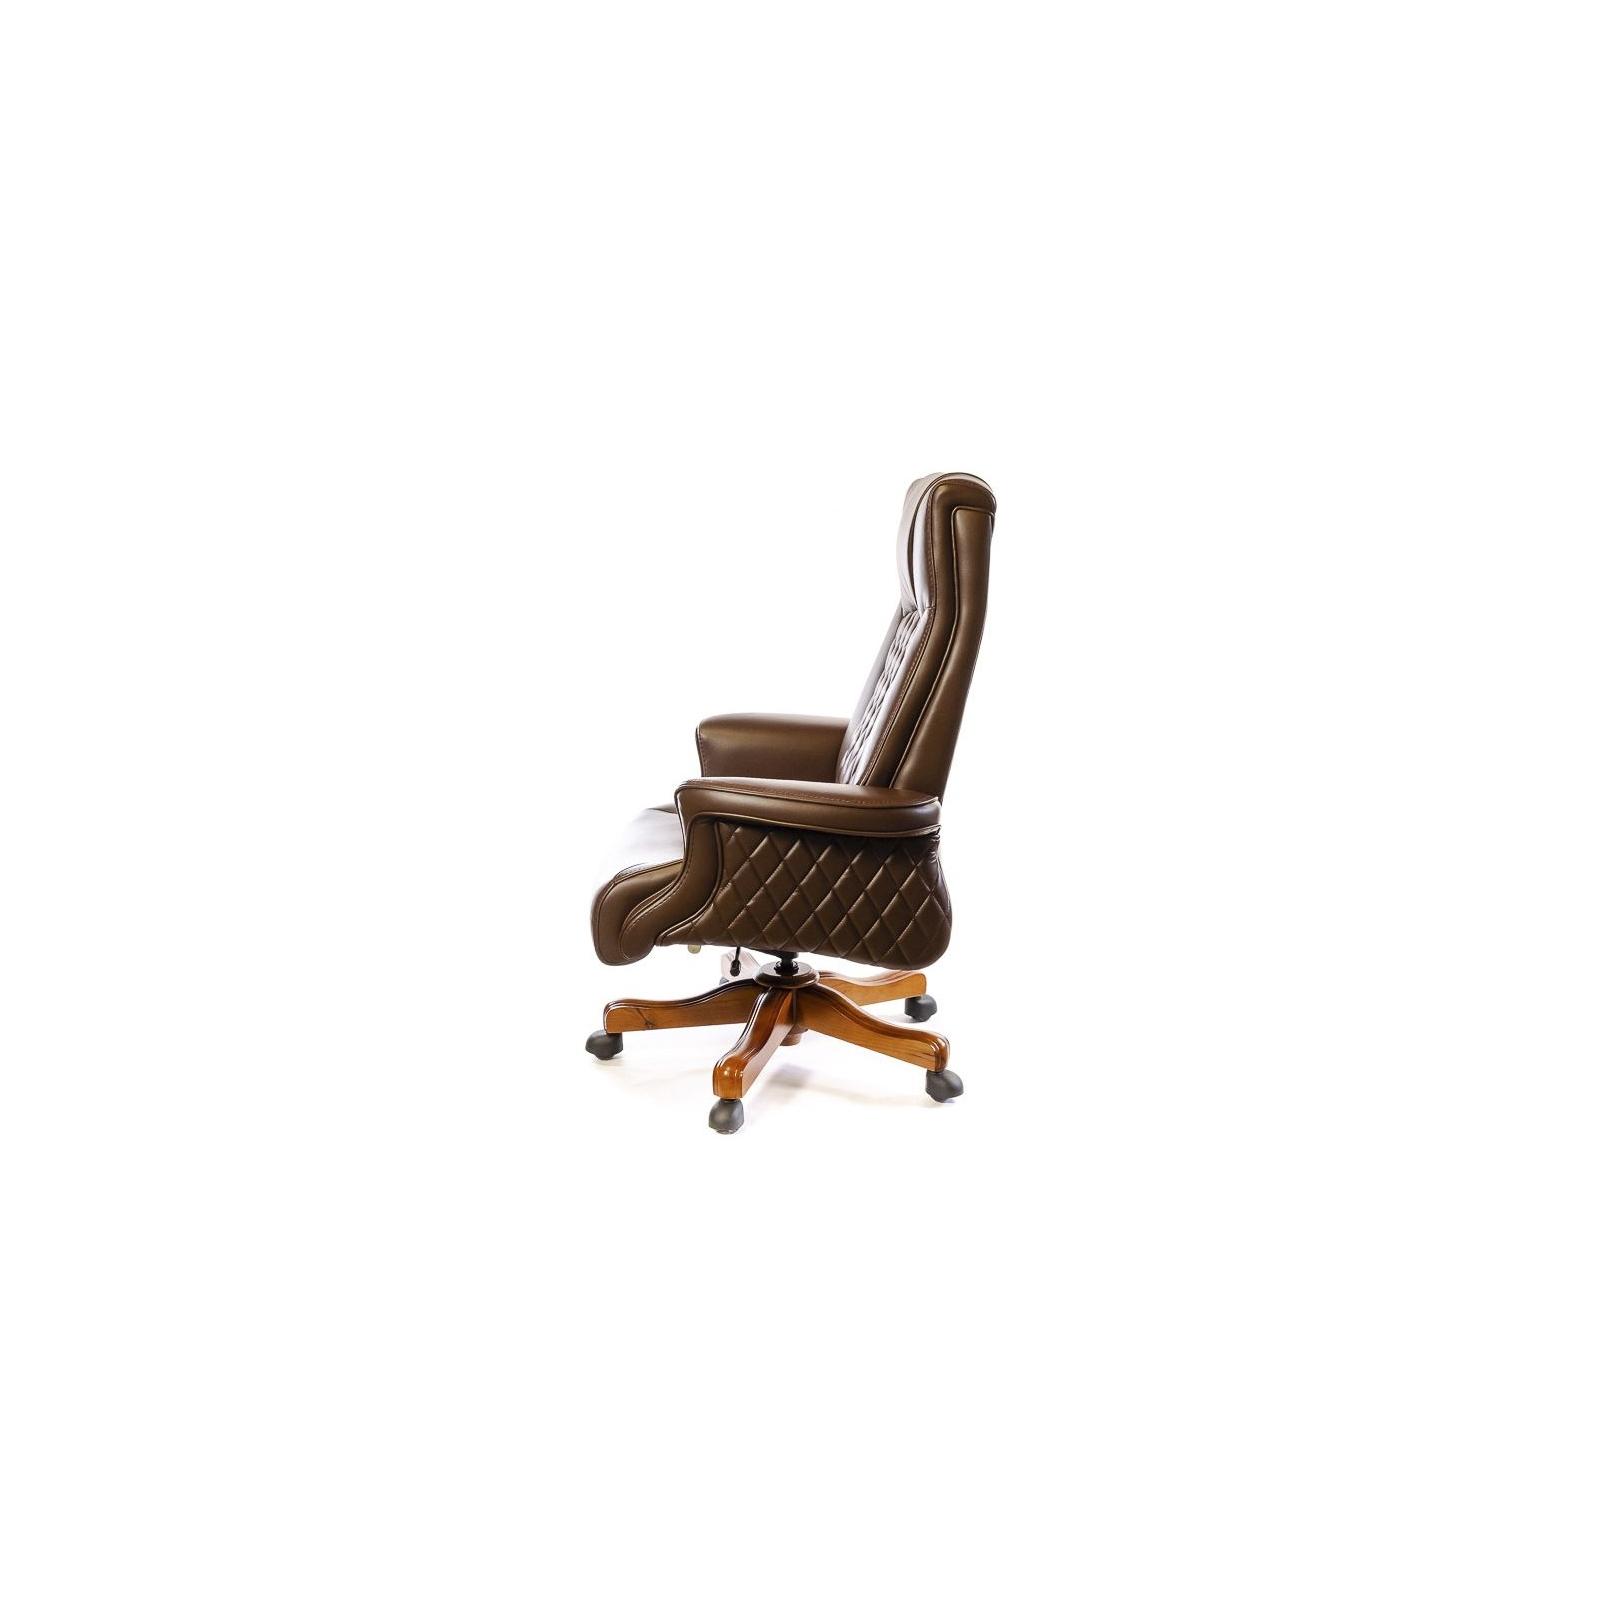 Офисное кресло Аклас Франсуа EX D-Tilt Коричневое (13631) изображение 3